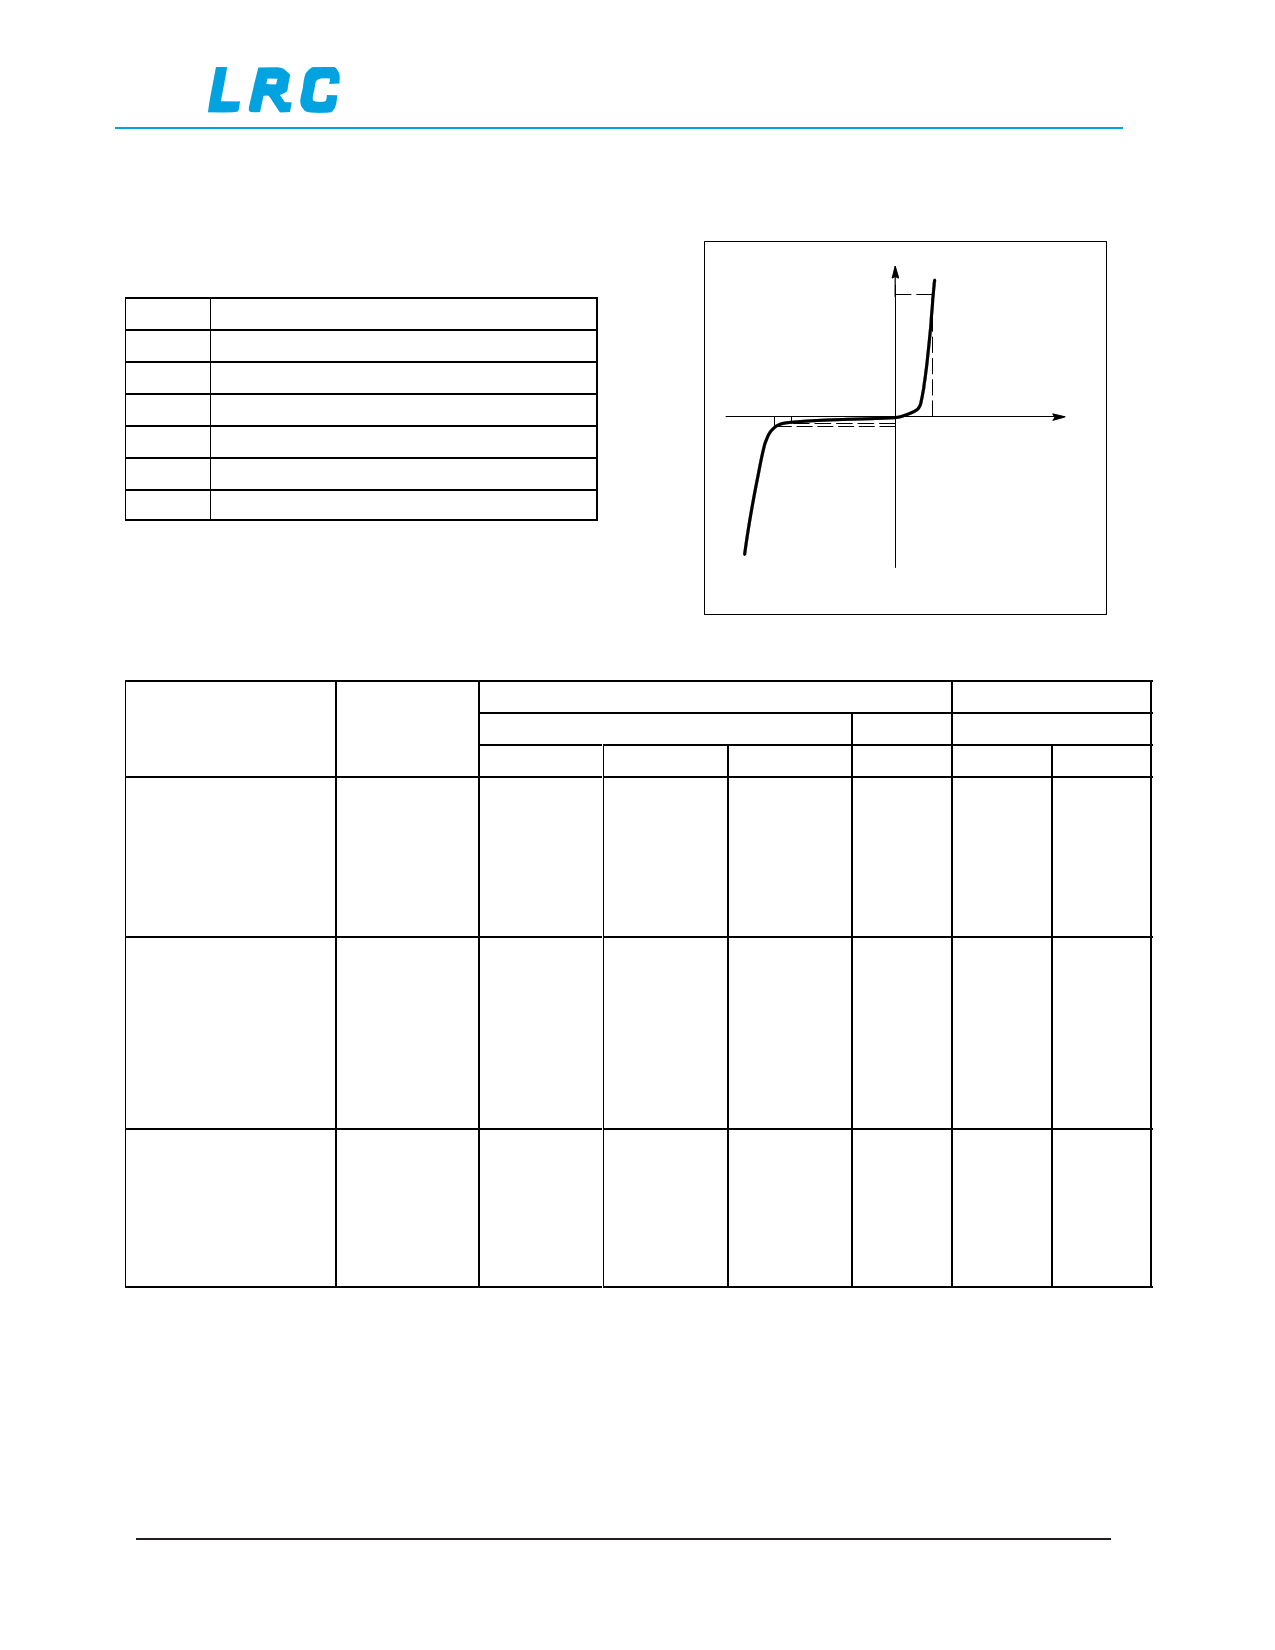 LMSZ4693ET1G pdf, schematic